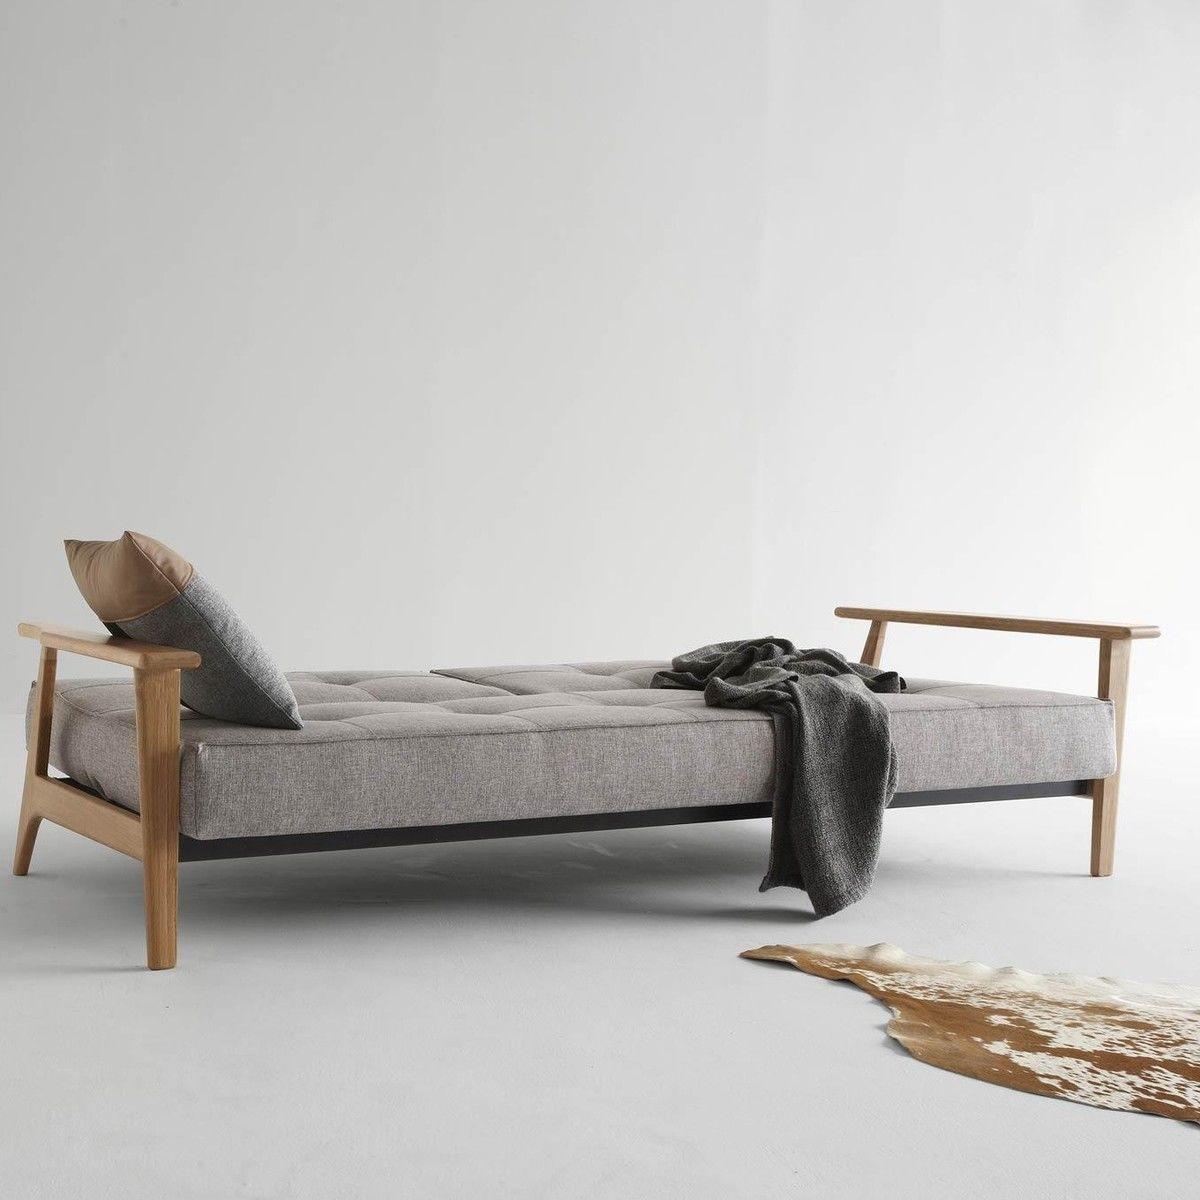 splitback frej sofa bed innovation sofa beds furniture. Black Bedroom Furniture Sets. Home Design Ideas